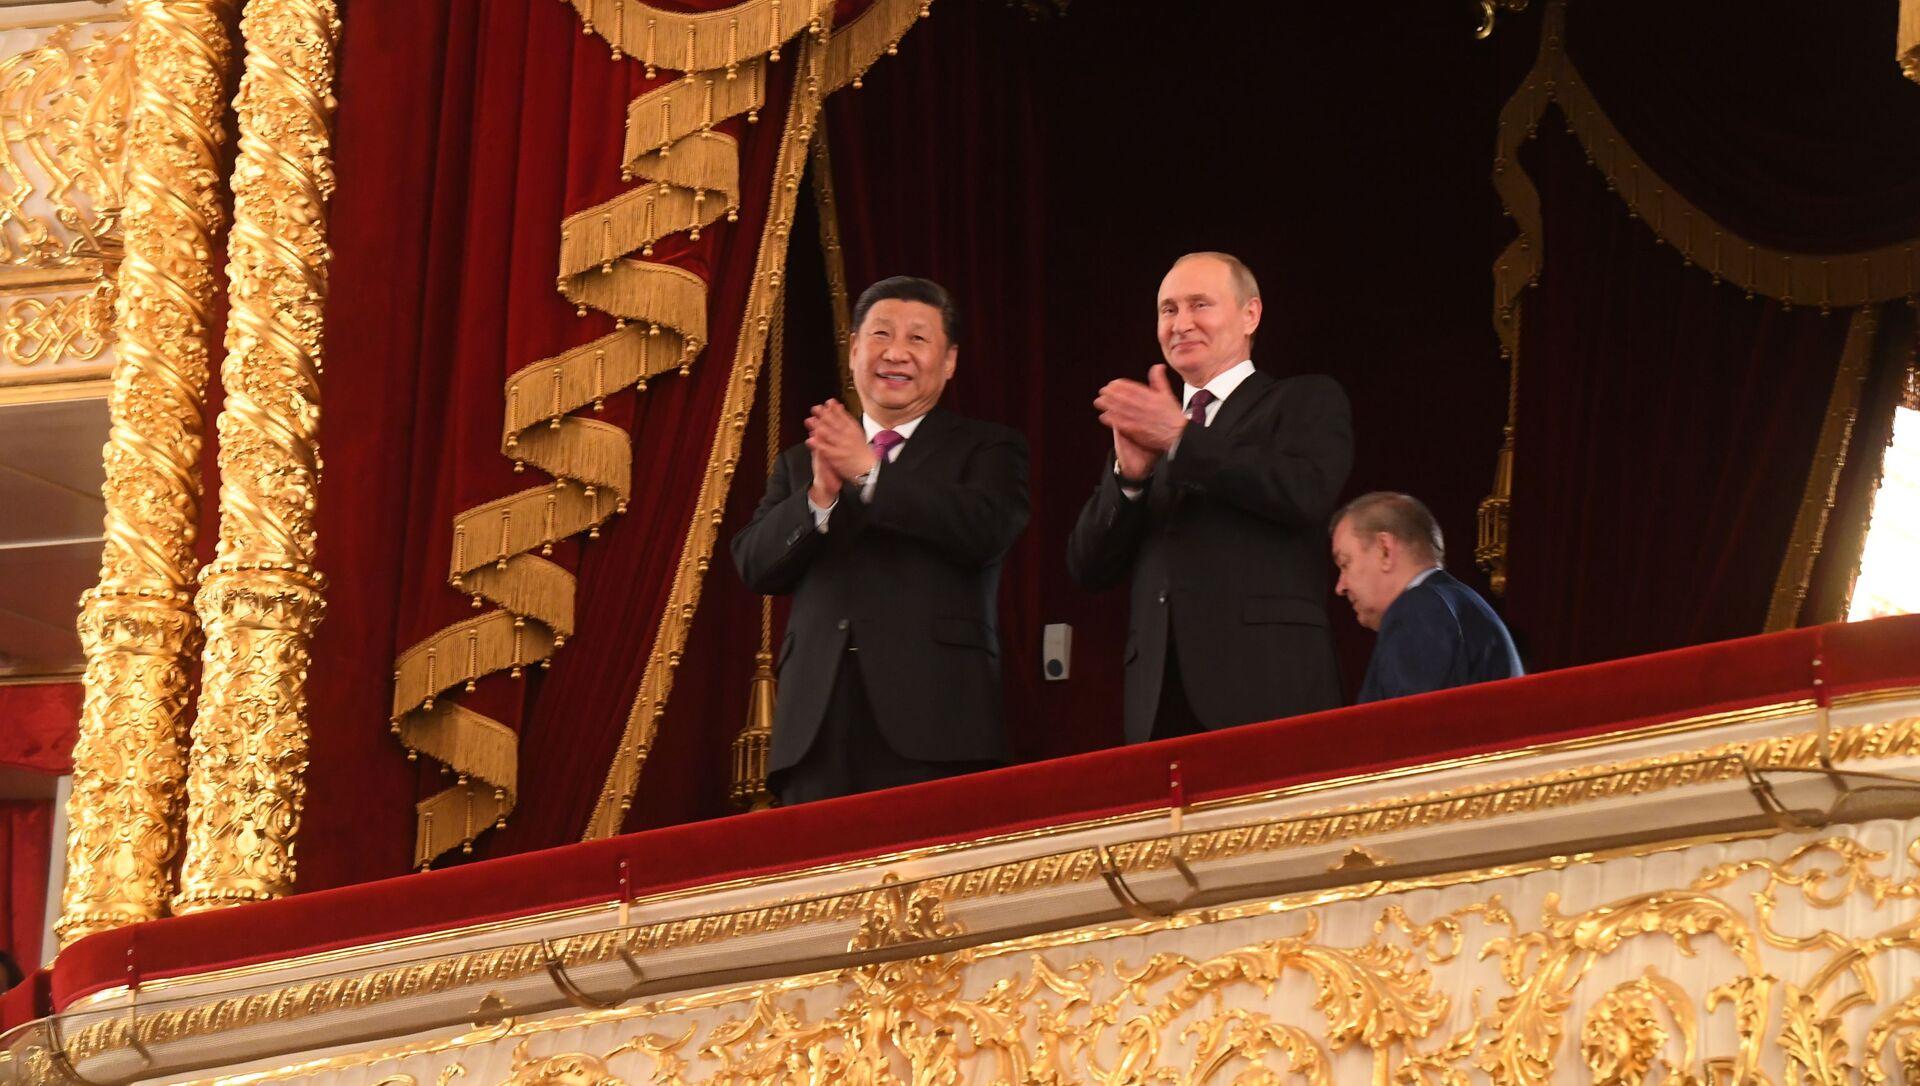 Vladimir Putin a Si Ťin-pching na slavnostním večeru při příležitosti 70. výročí navázání diplomatických vztahů mezi Ruskem a Čínskou lidovou republikou v lóži ve Státním akademickém Velkém divadle - Sputnik Česká republika, 1920, 05.03.2021